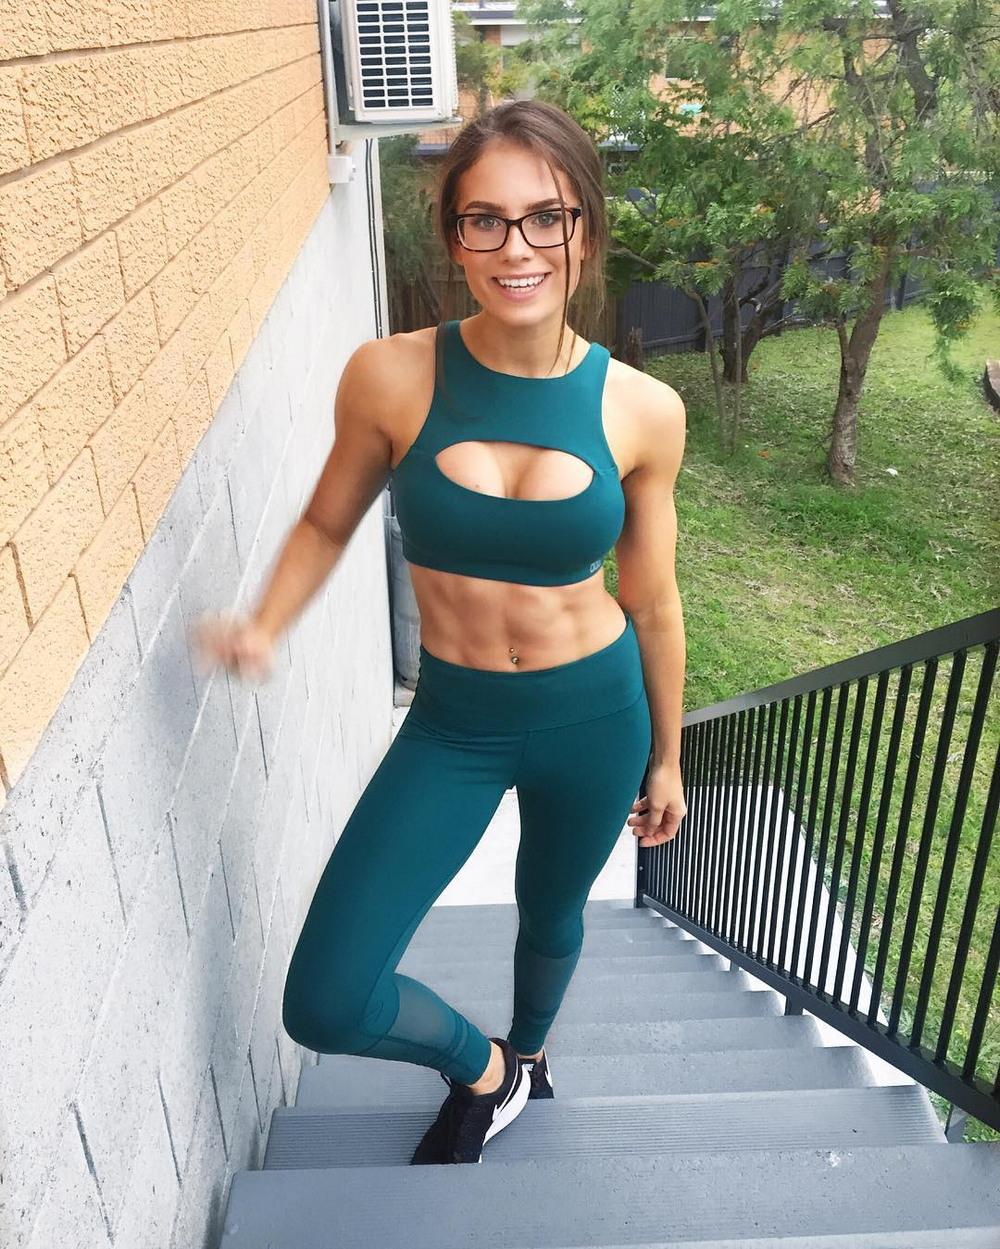 Красивые спортивные девушки